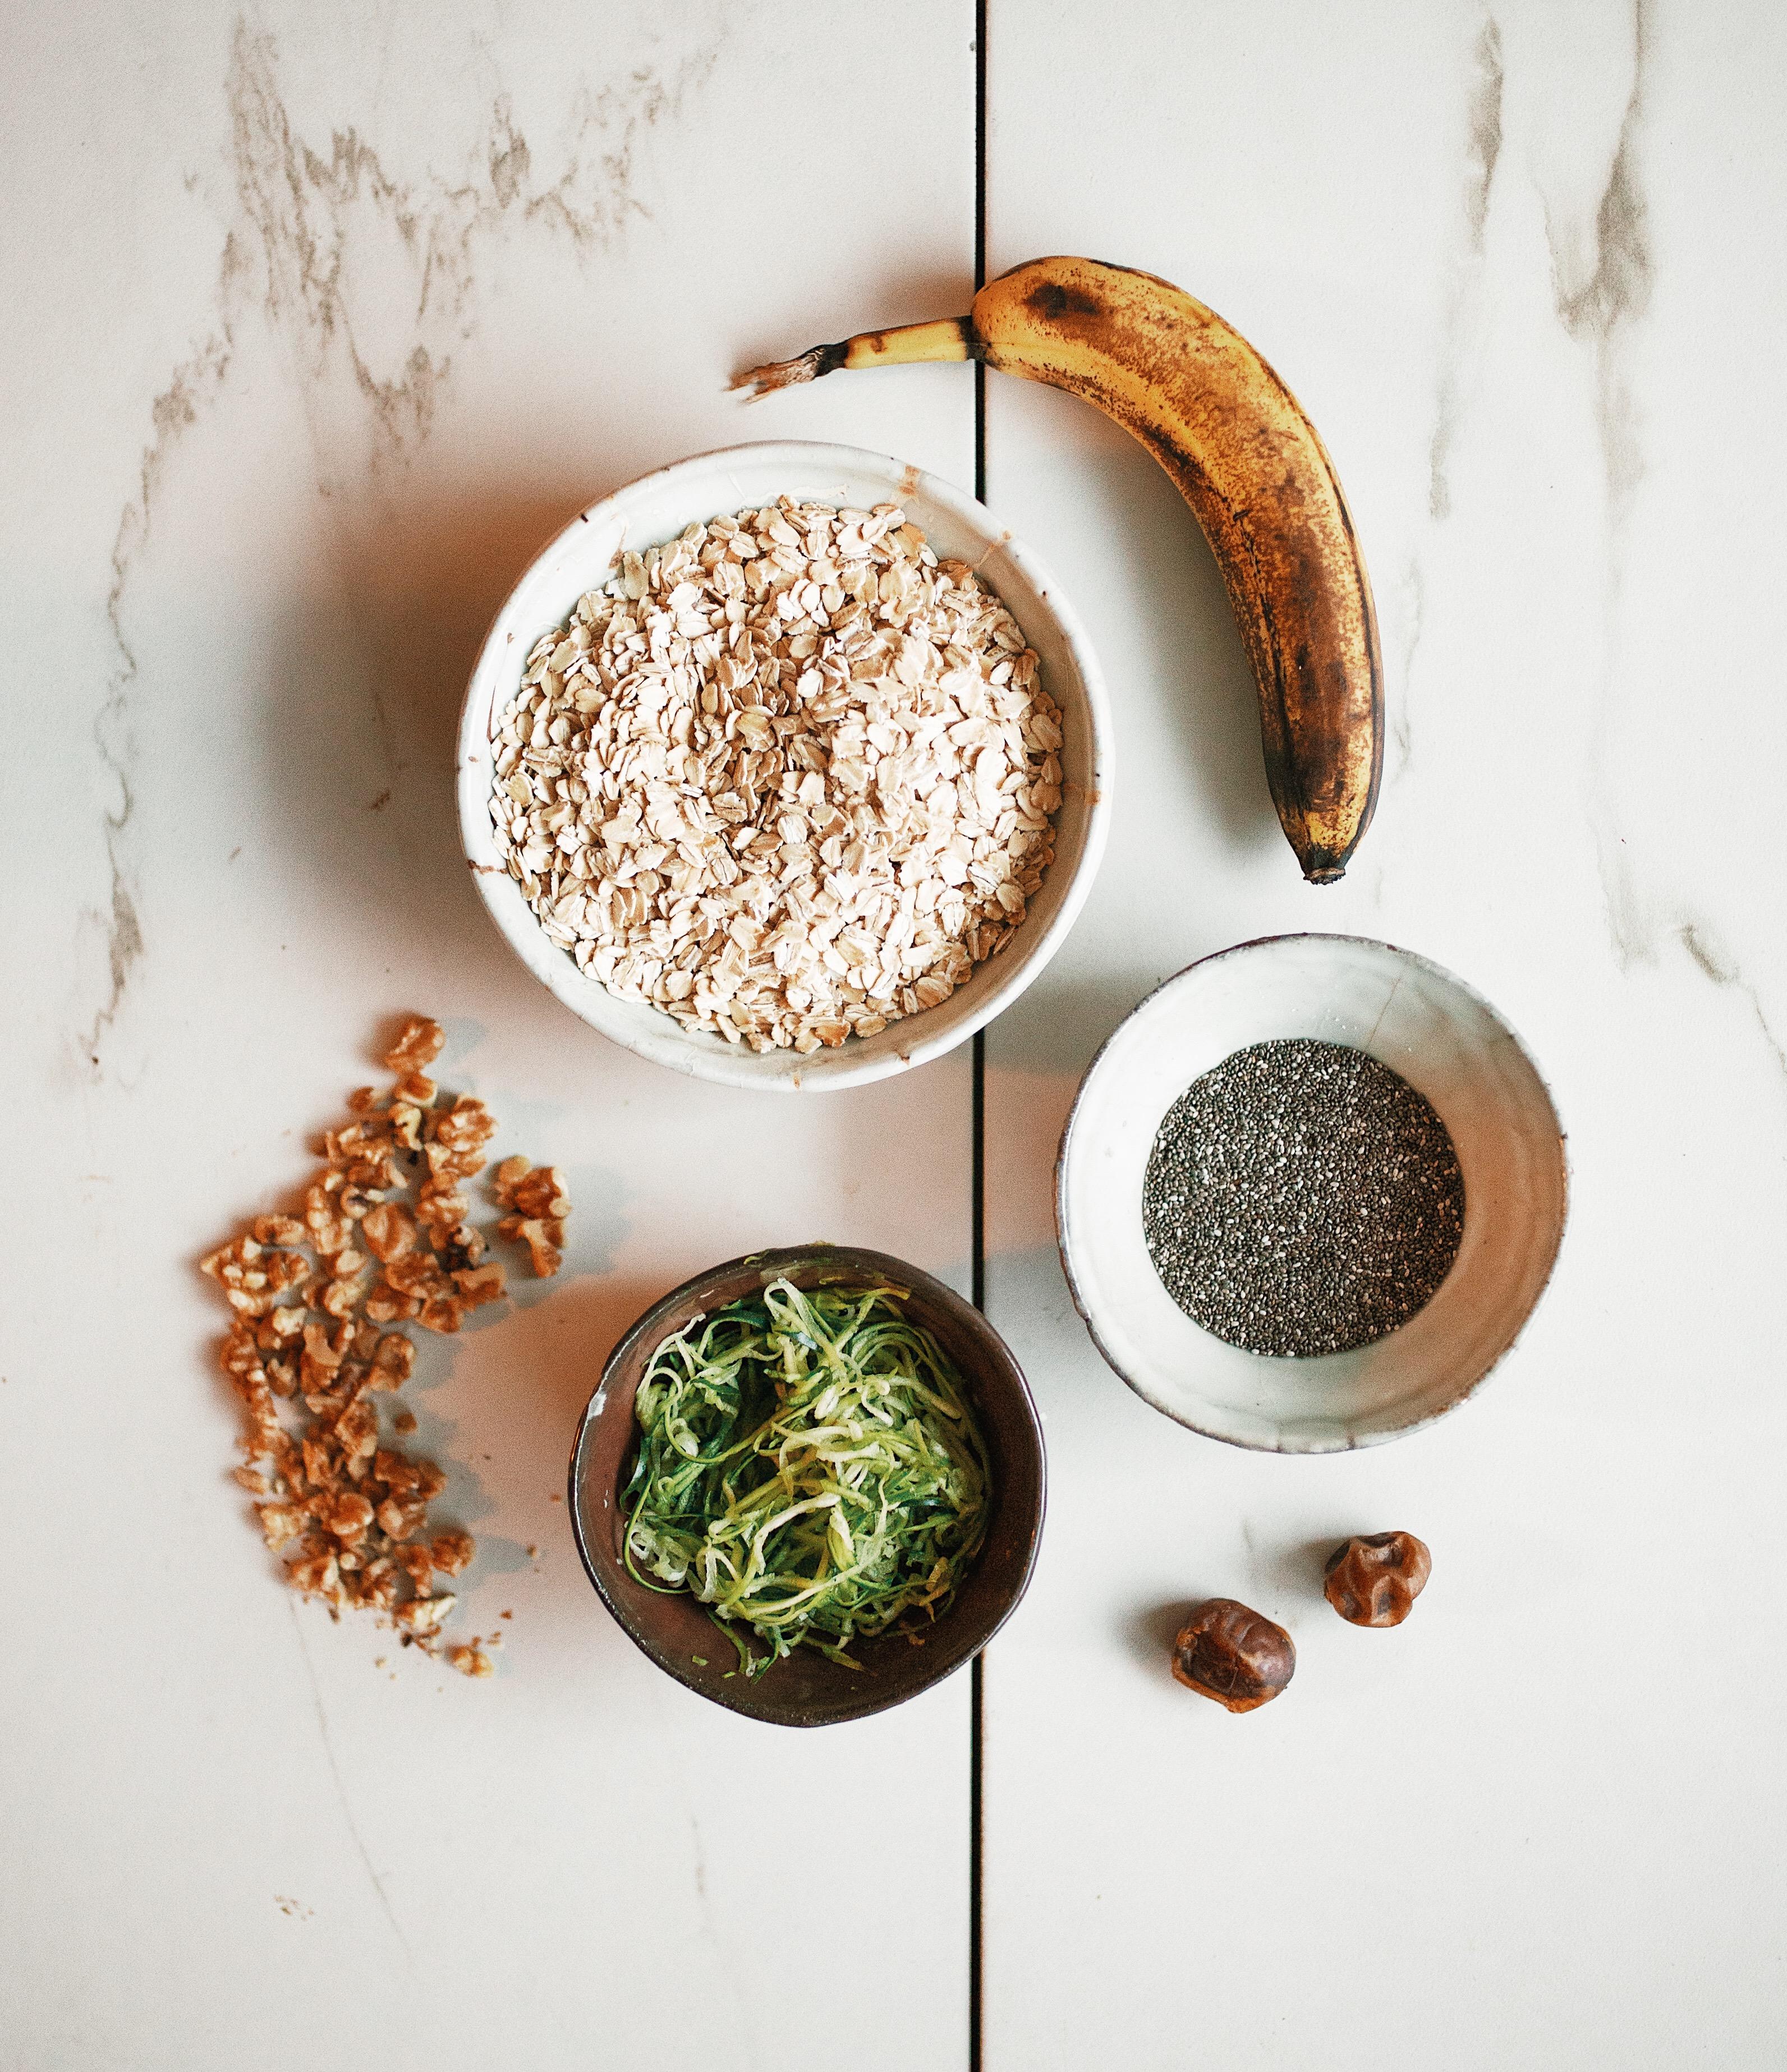 zucchini overnight oats